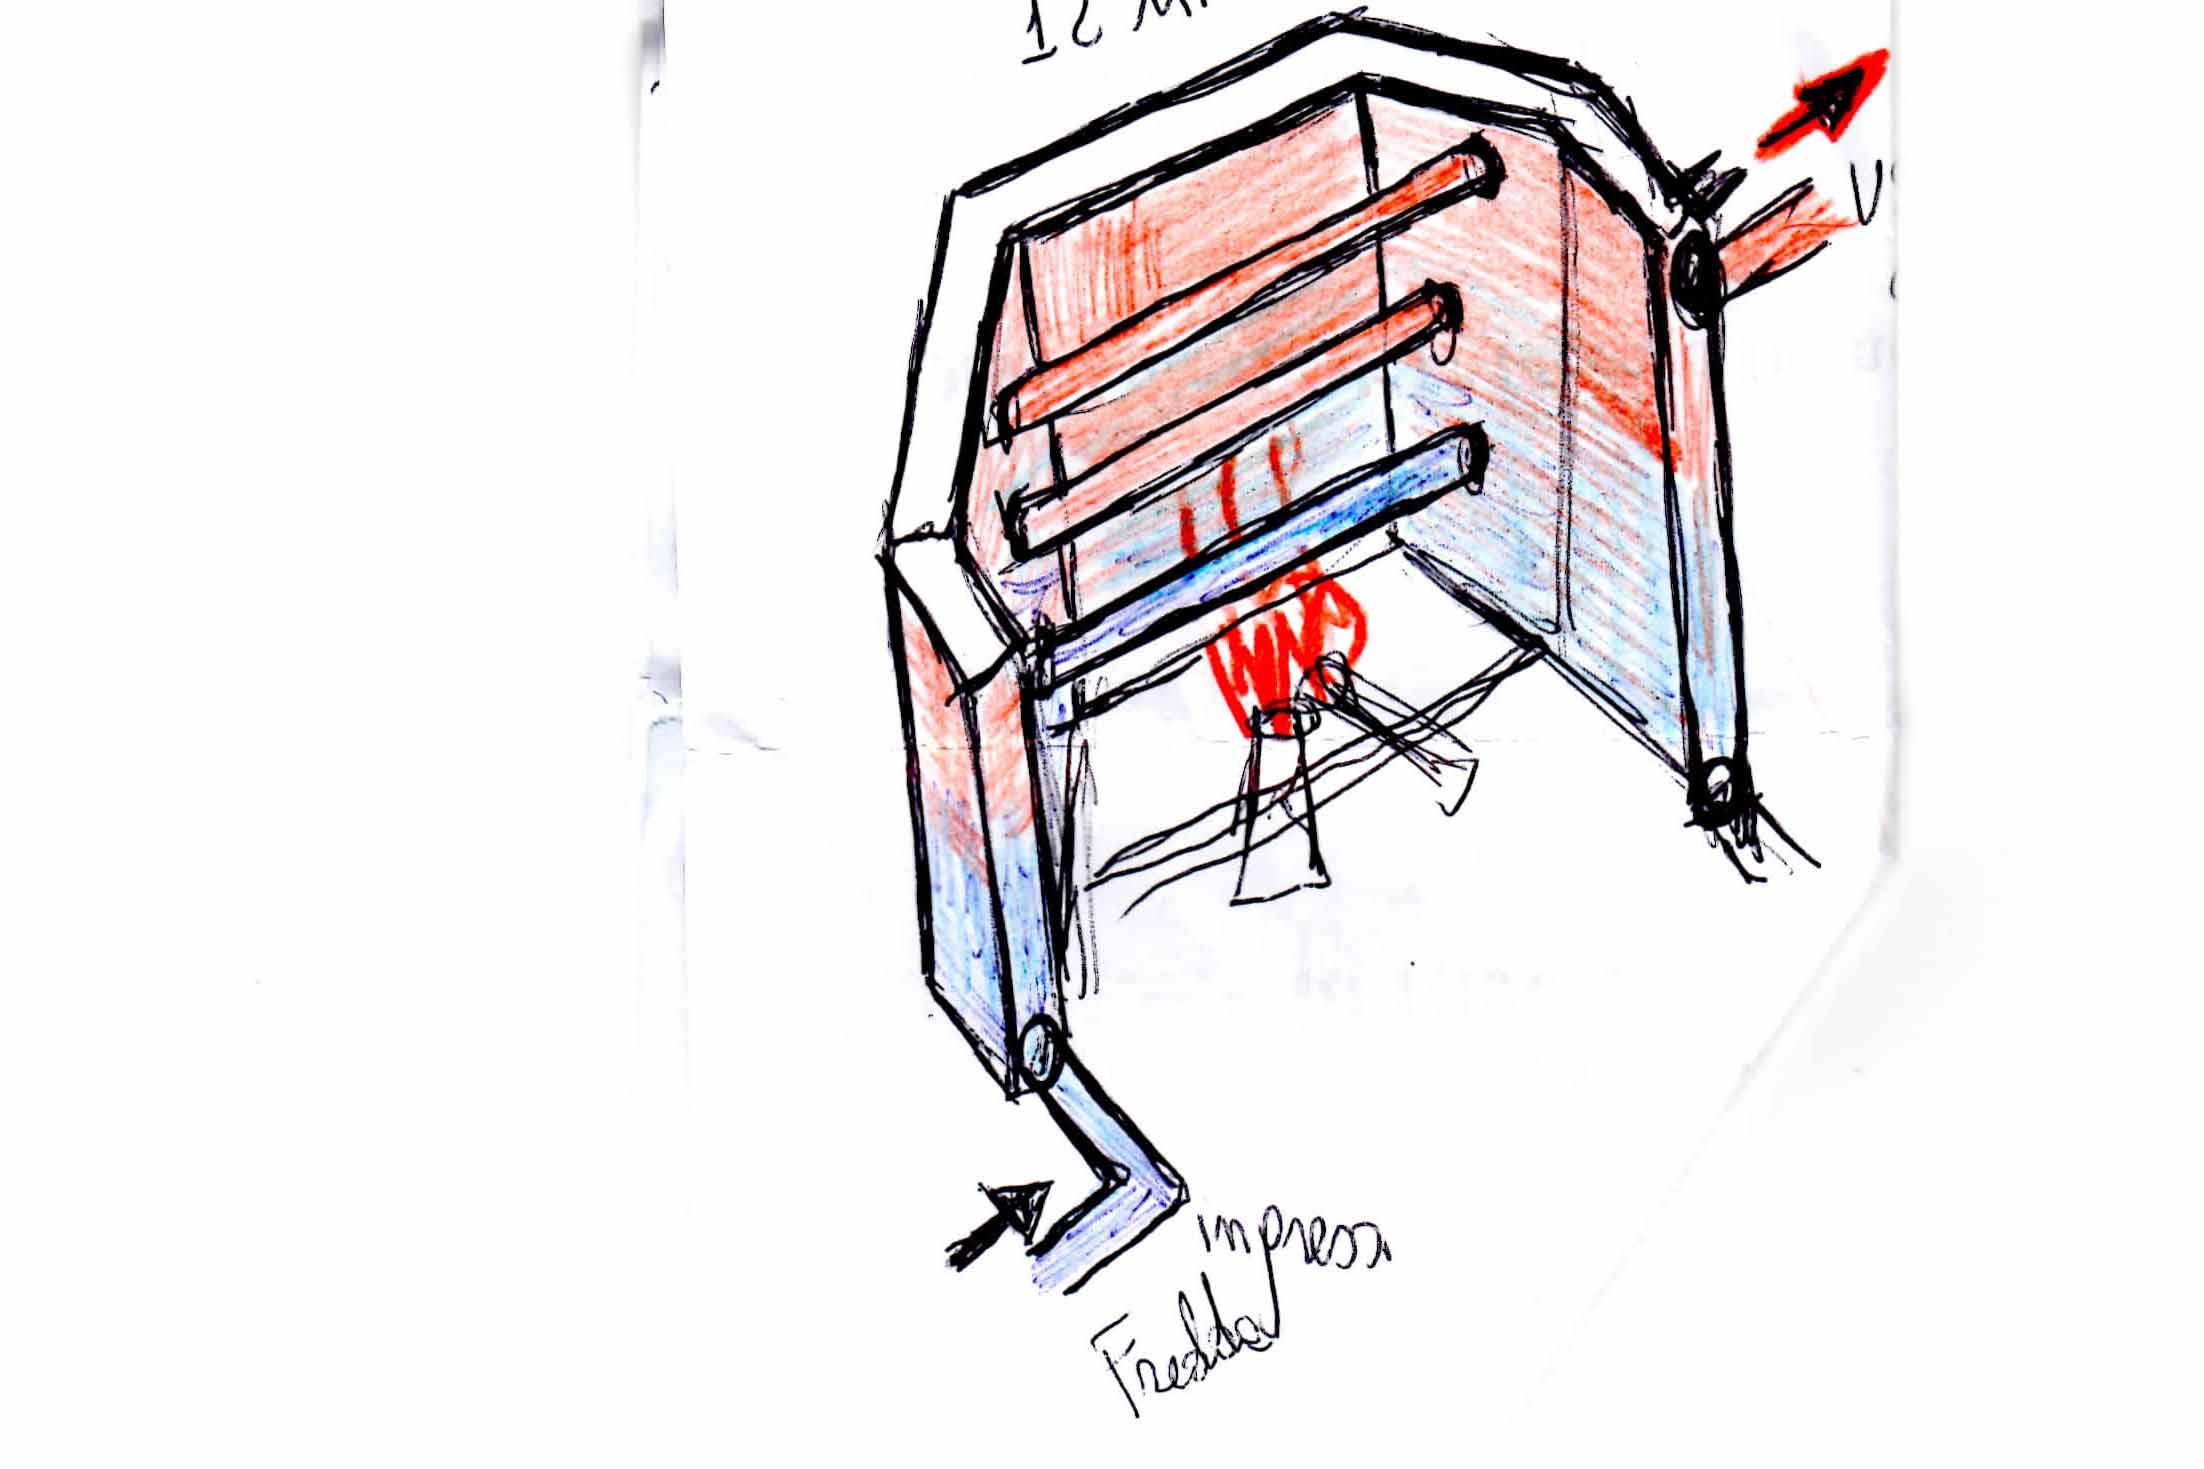 Trasformare caminetto in termocamino ad acqua pagina 1 for Caldaia ad acqua di plastica